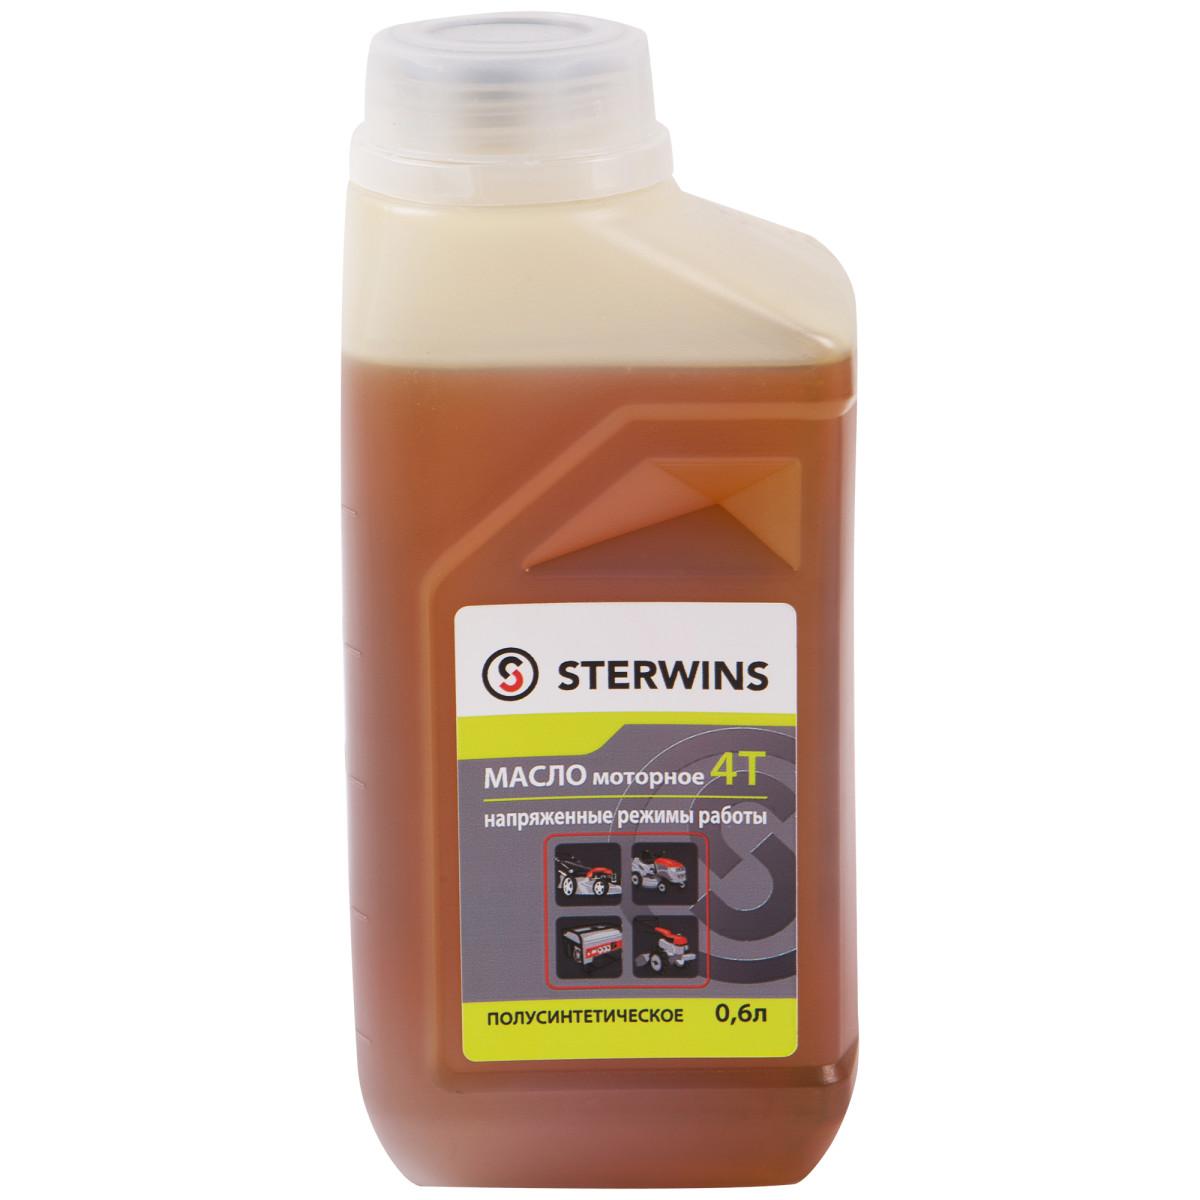 Масло моторное 4Т для напряженных режимов Sterwins 10W40 полусинтетика 0.6 л